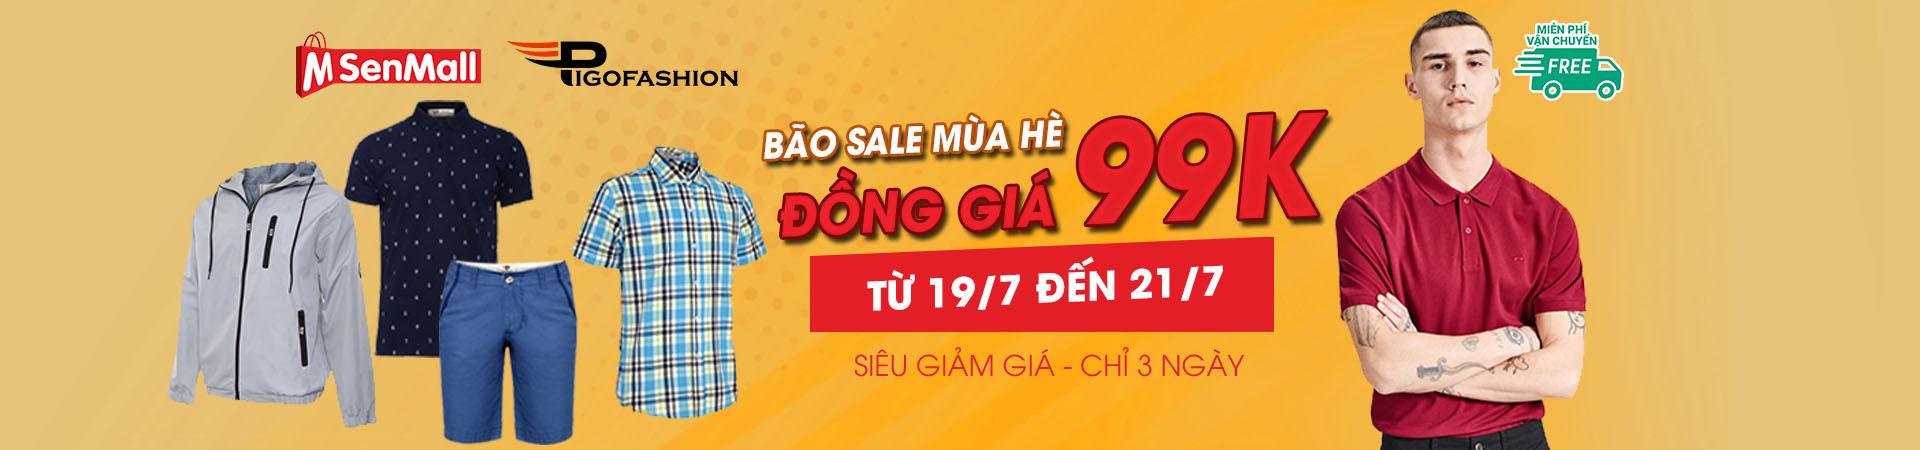 Bão sale mùa hè - Đồng giá 99k